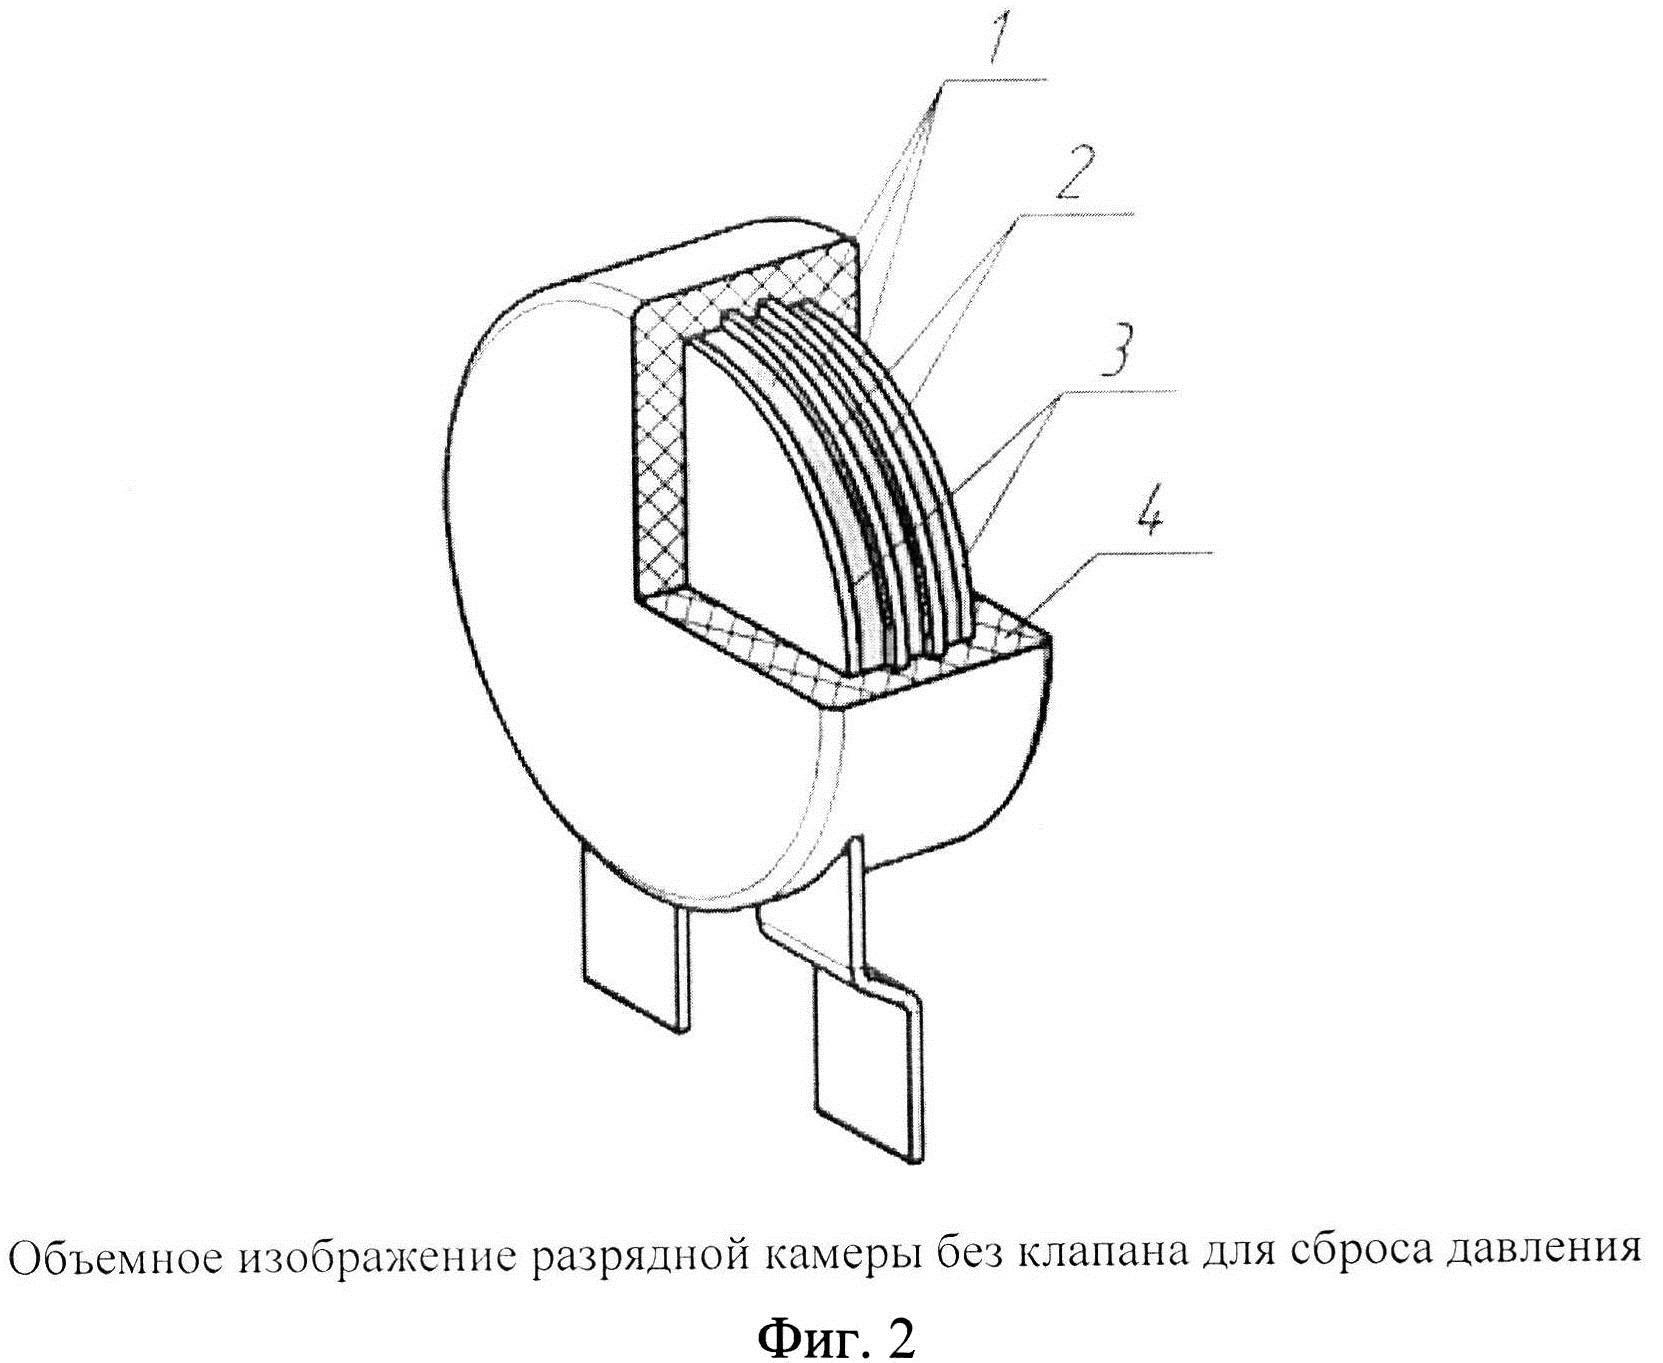 Разрядная камера с тремя электродами и двумя искровыми промежутками (варианты)